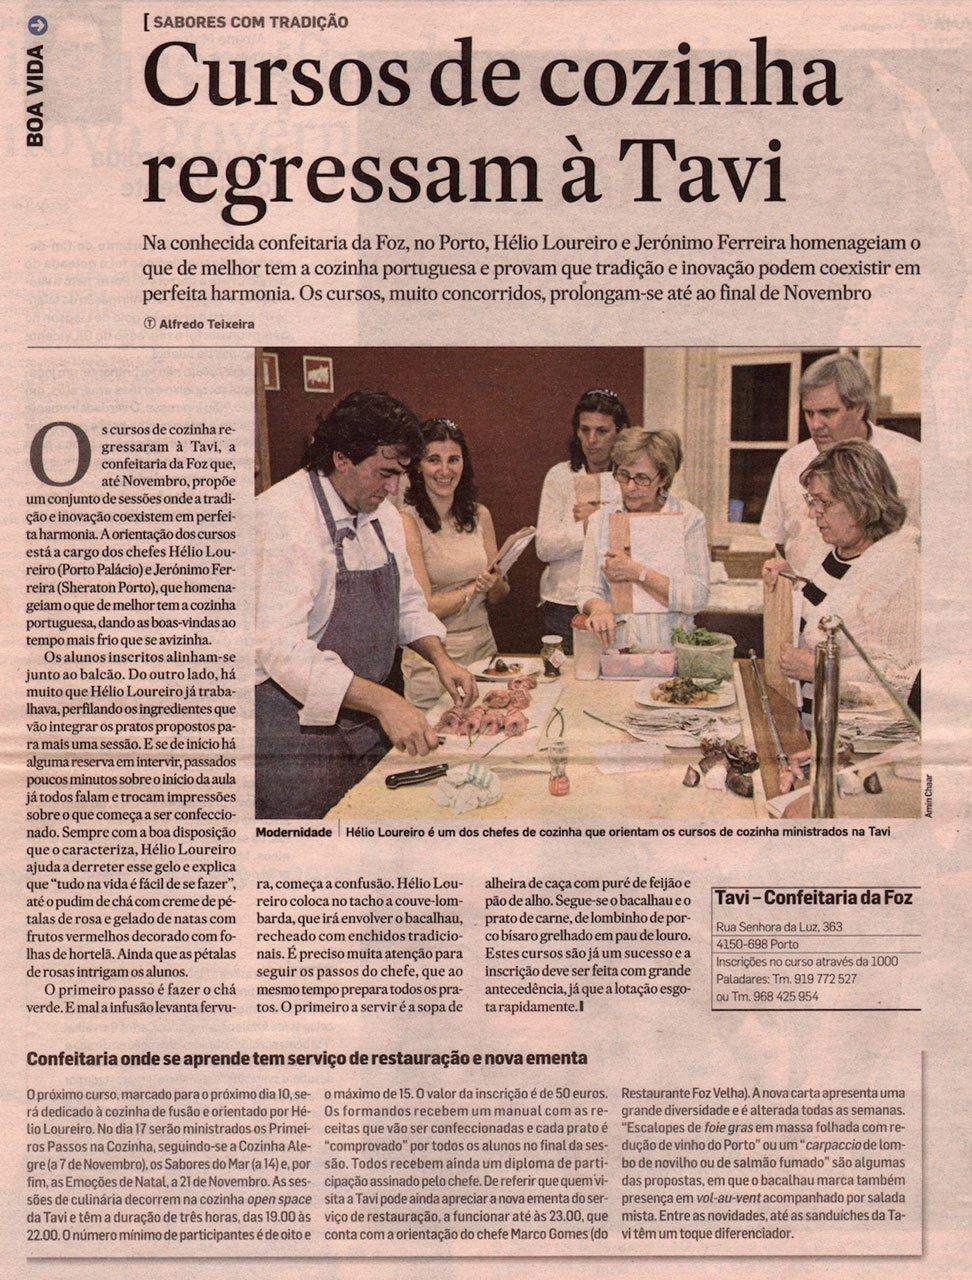 2006-10-04_Diario_de_Noticias_Tavi_1.jpg